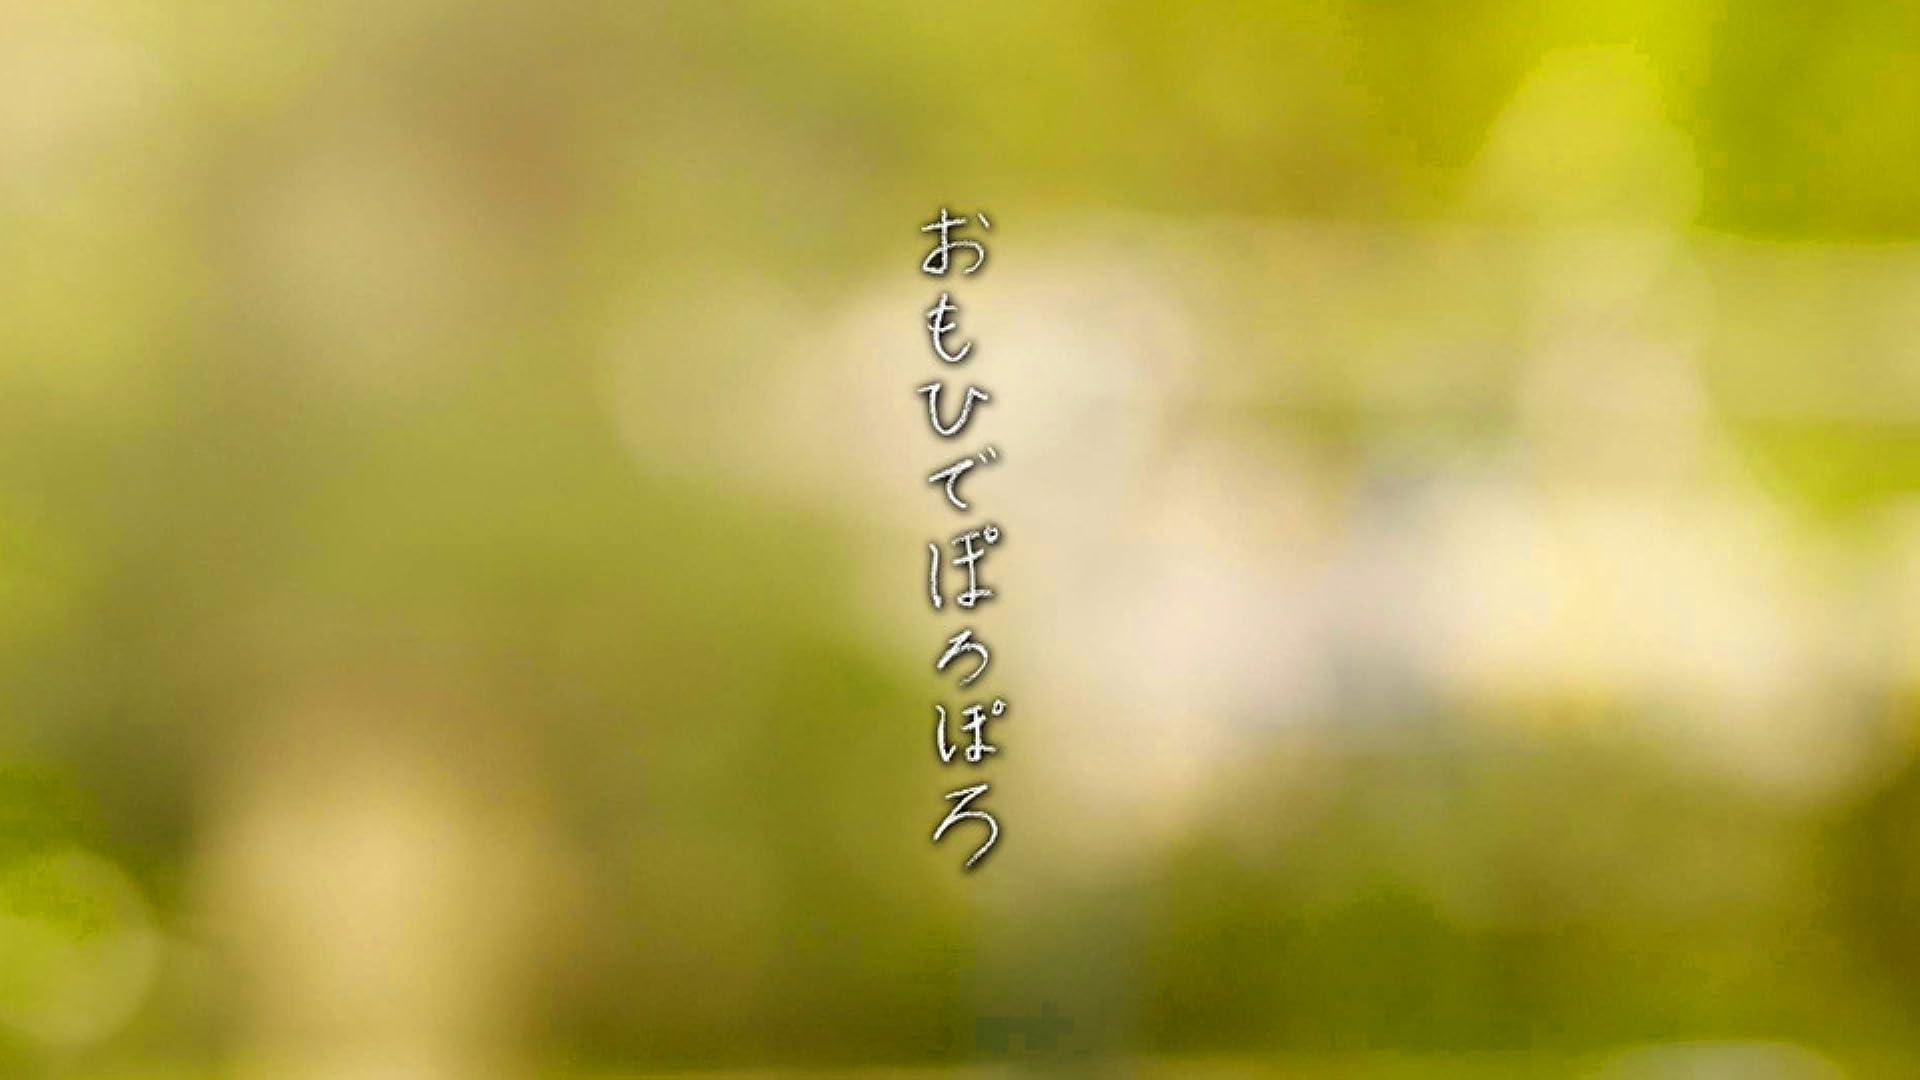 ファミリー 神田 ヒストリー 山 伯